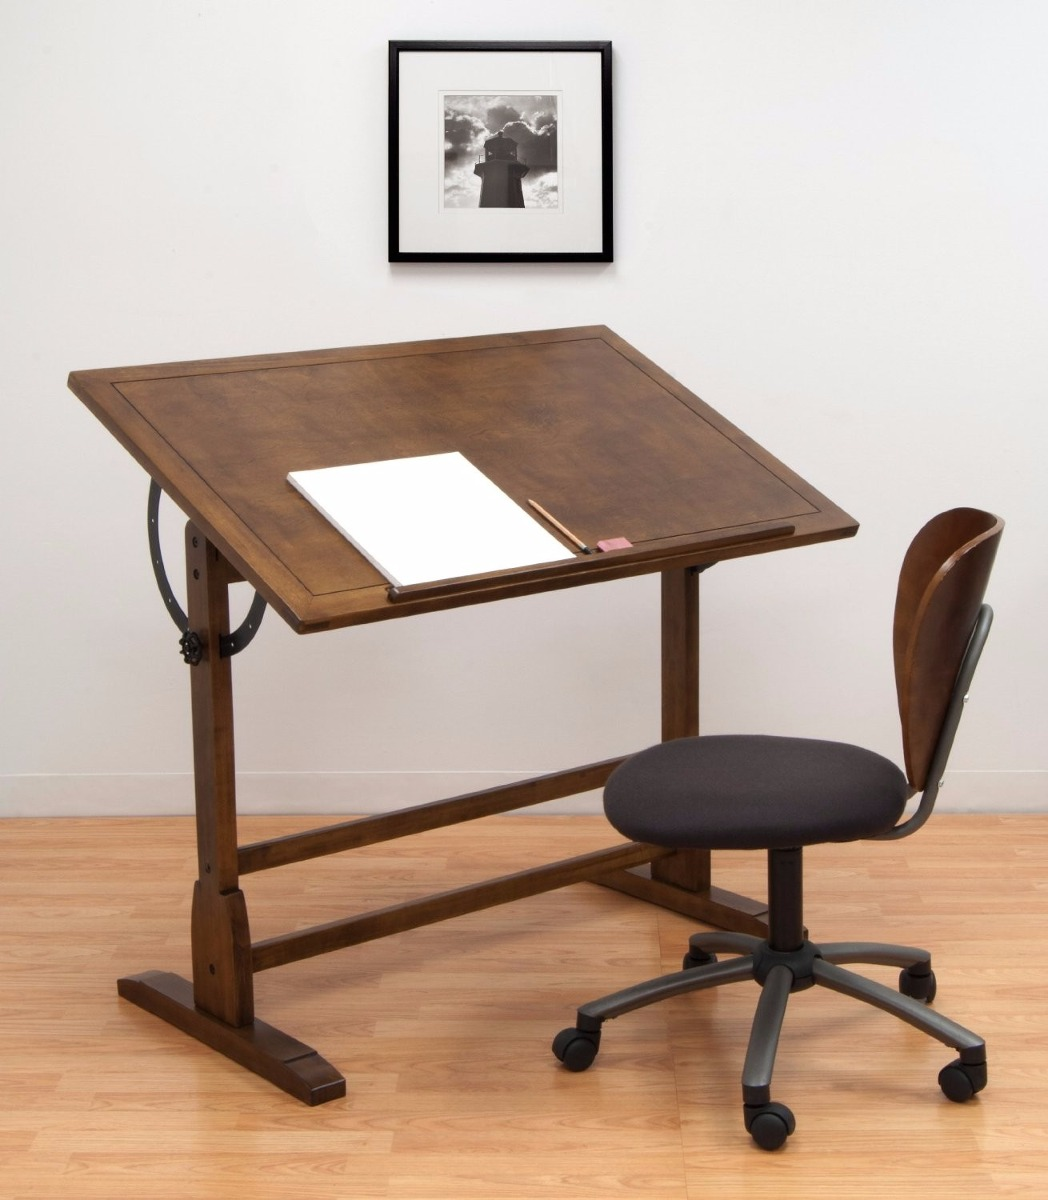 Escritorio mesa de trabajo restirador antiguo dibujo 107 - Escritorio mesa de trabajo ...